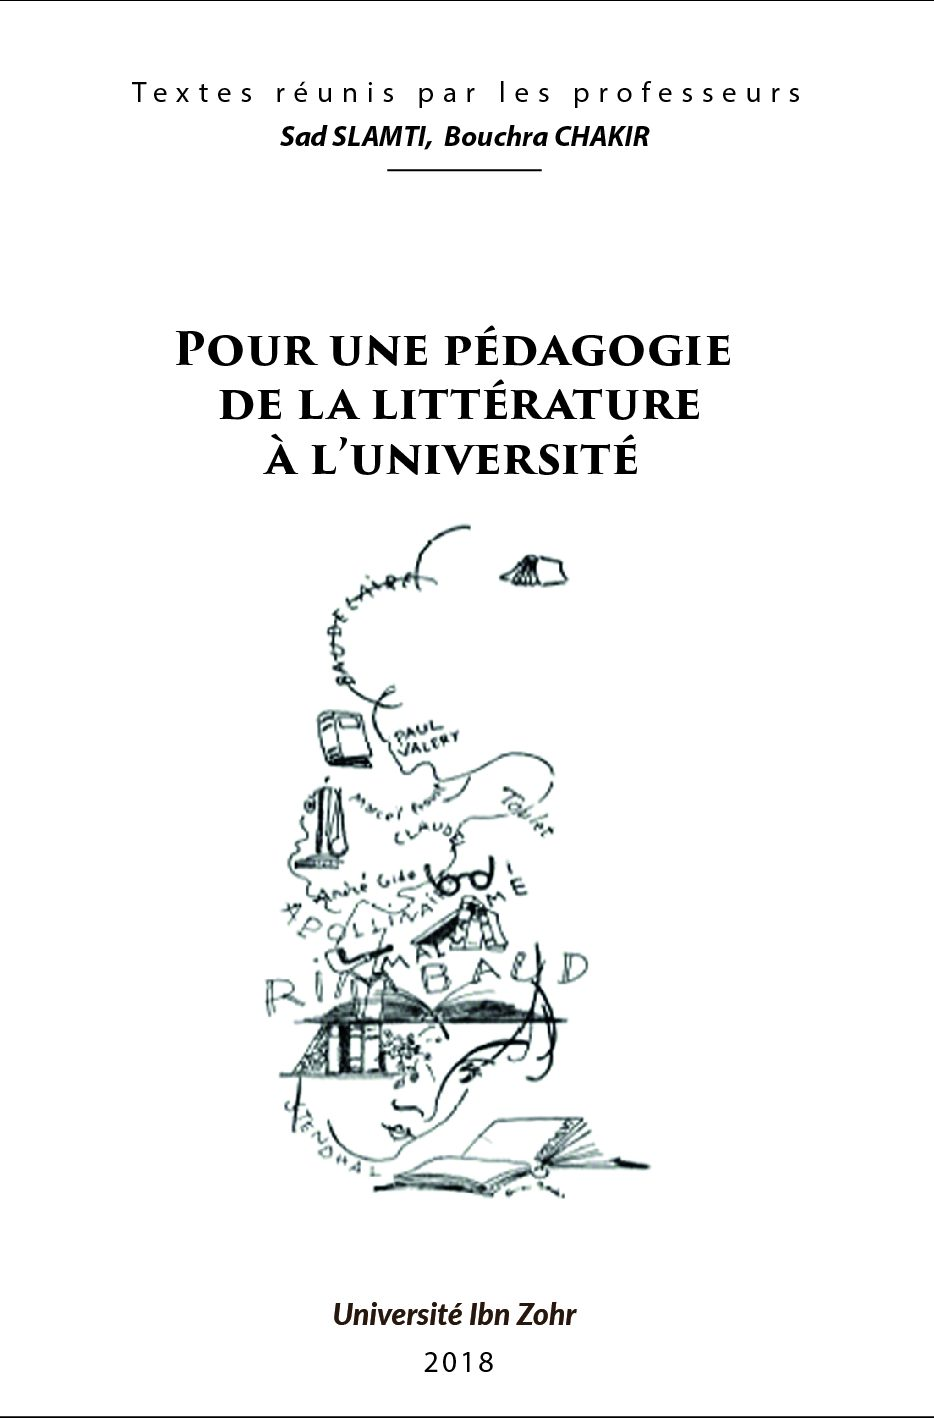 Pour une pédagogie de la littérature à l'université